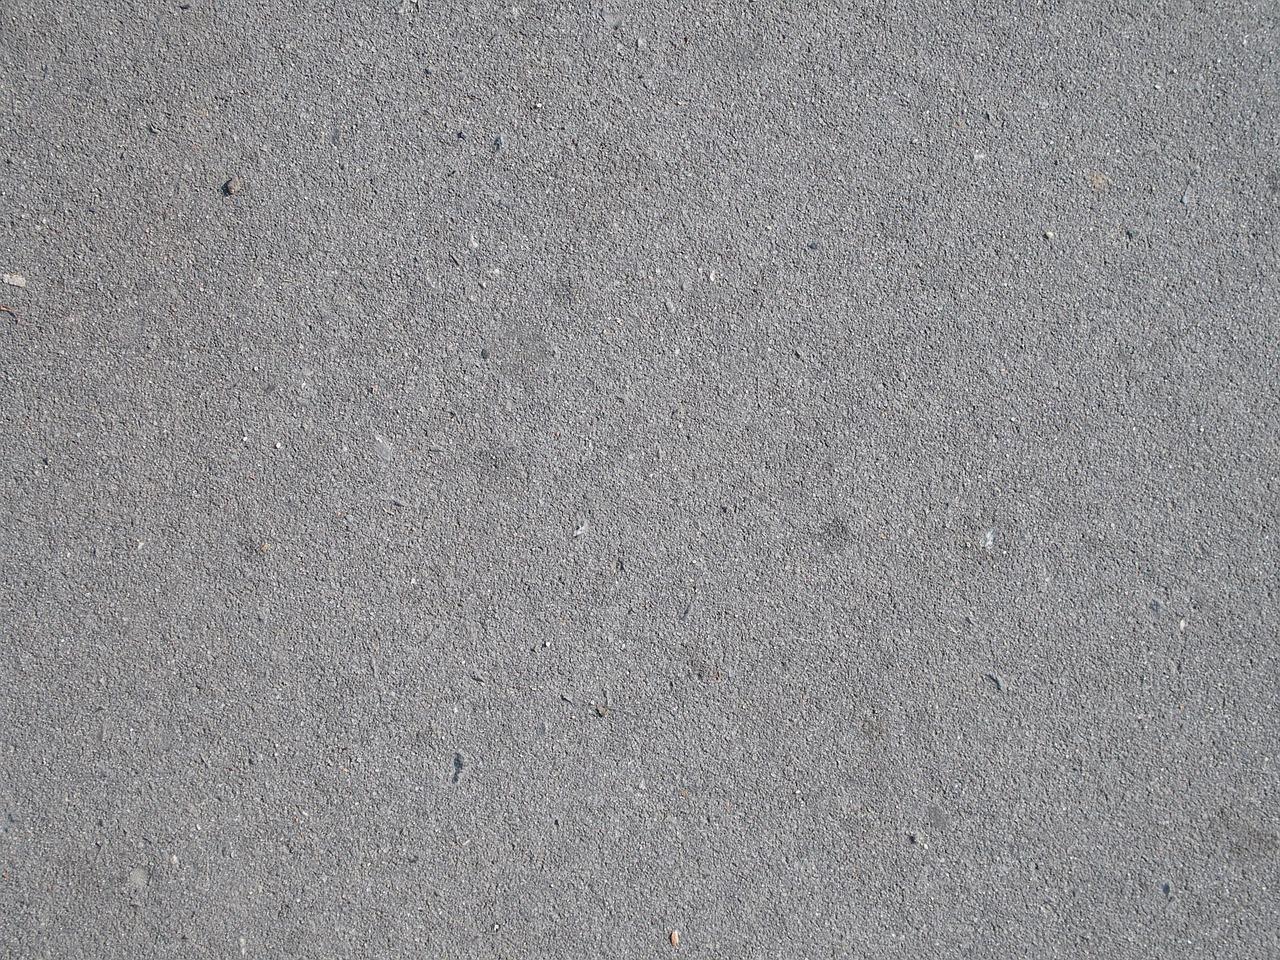 Co daje lakier bezbarwny do betonu?